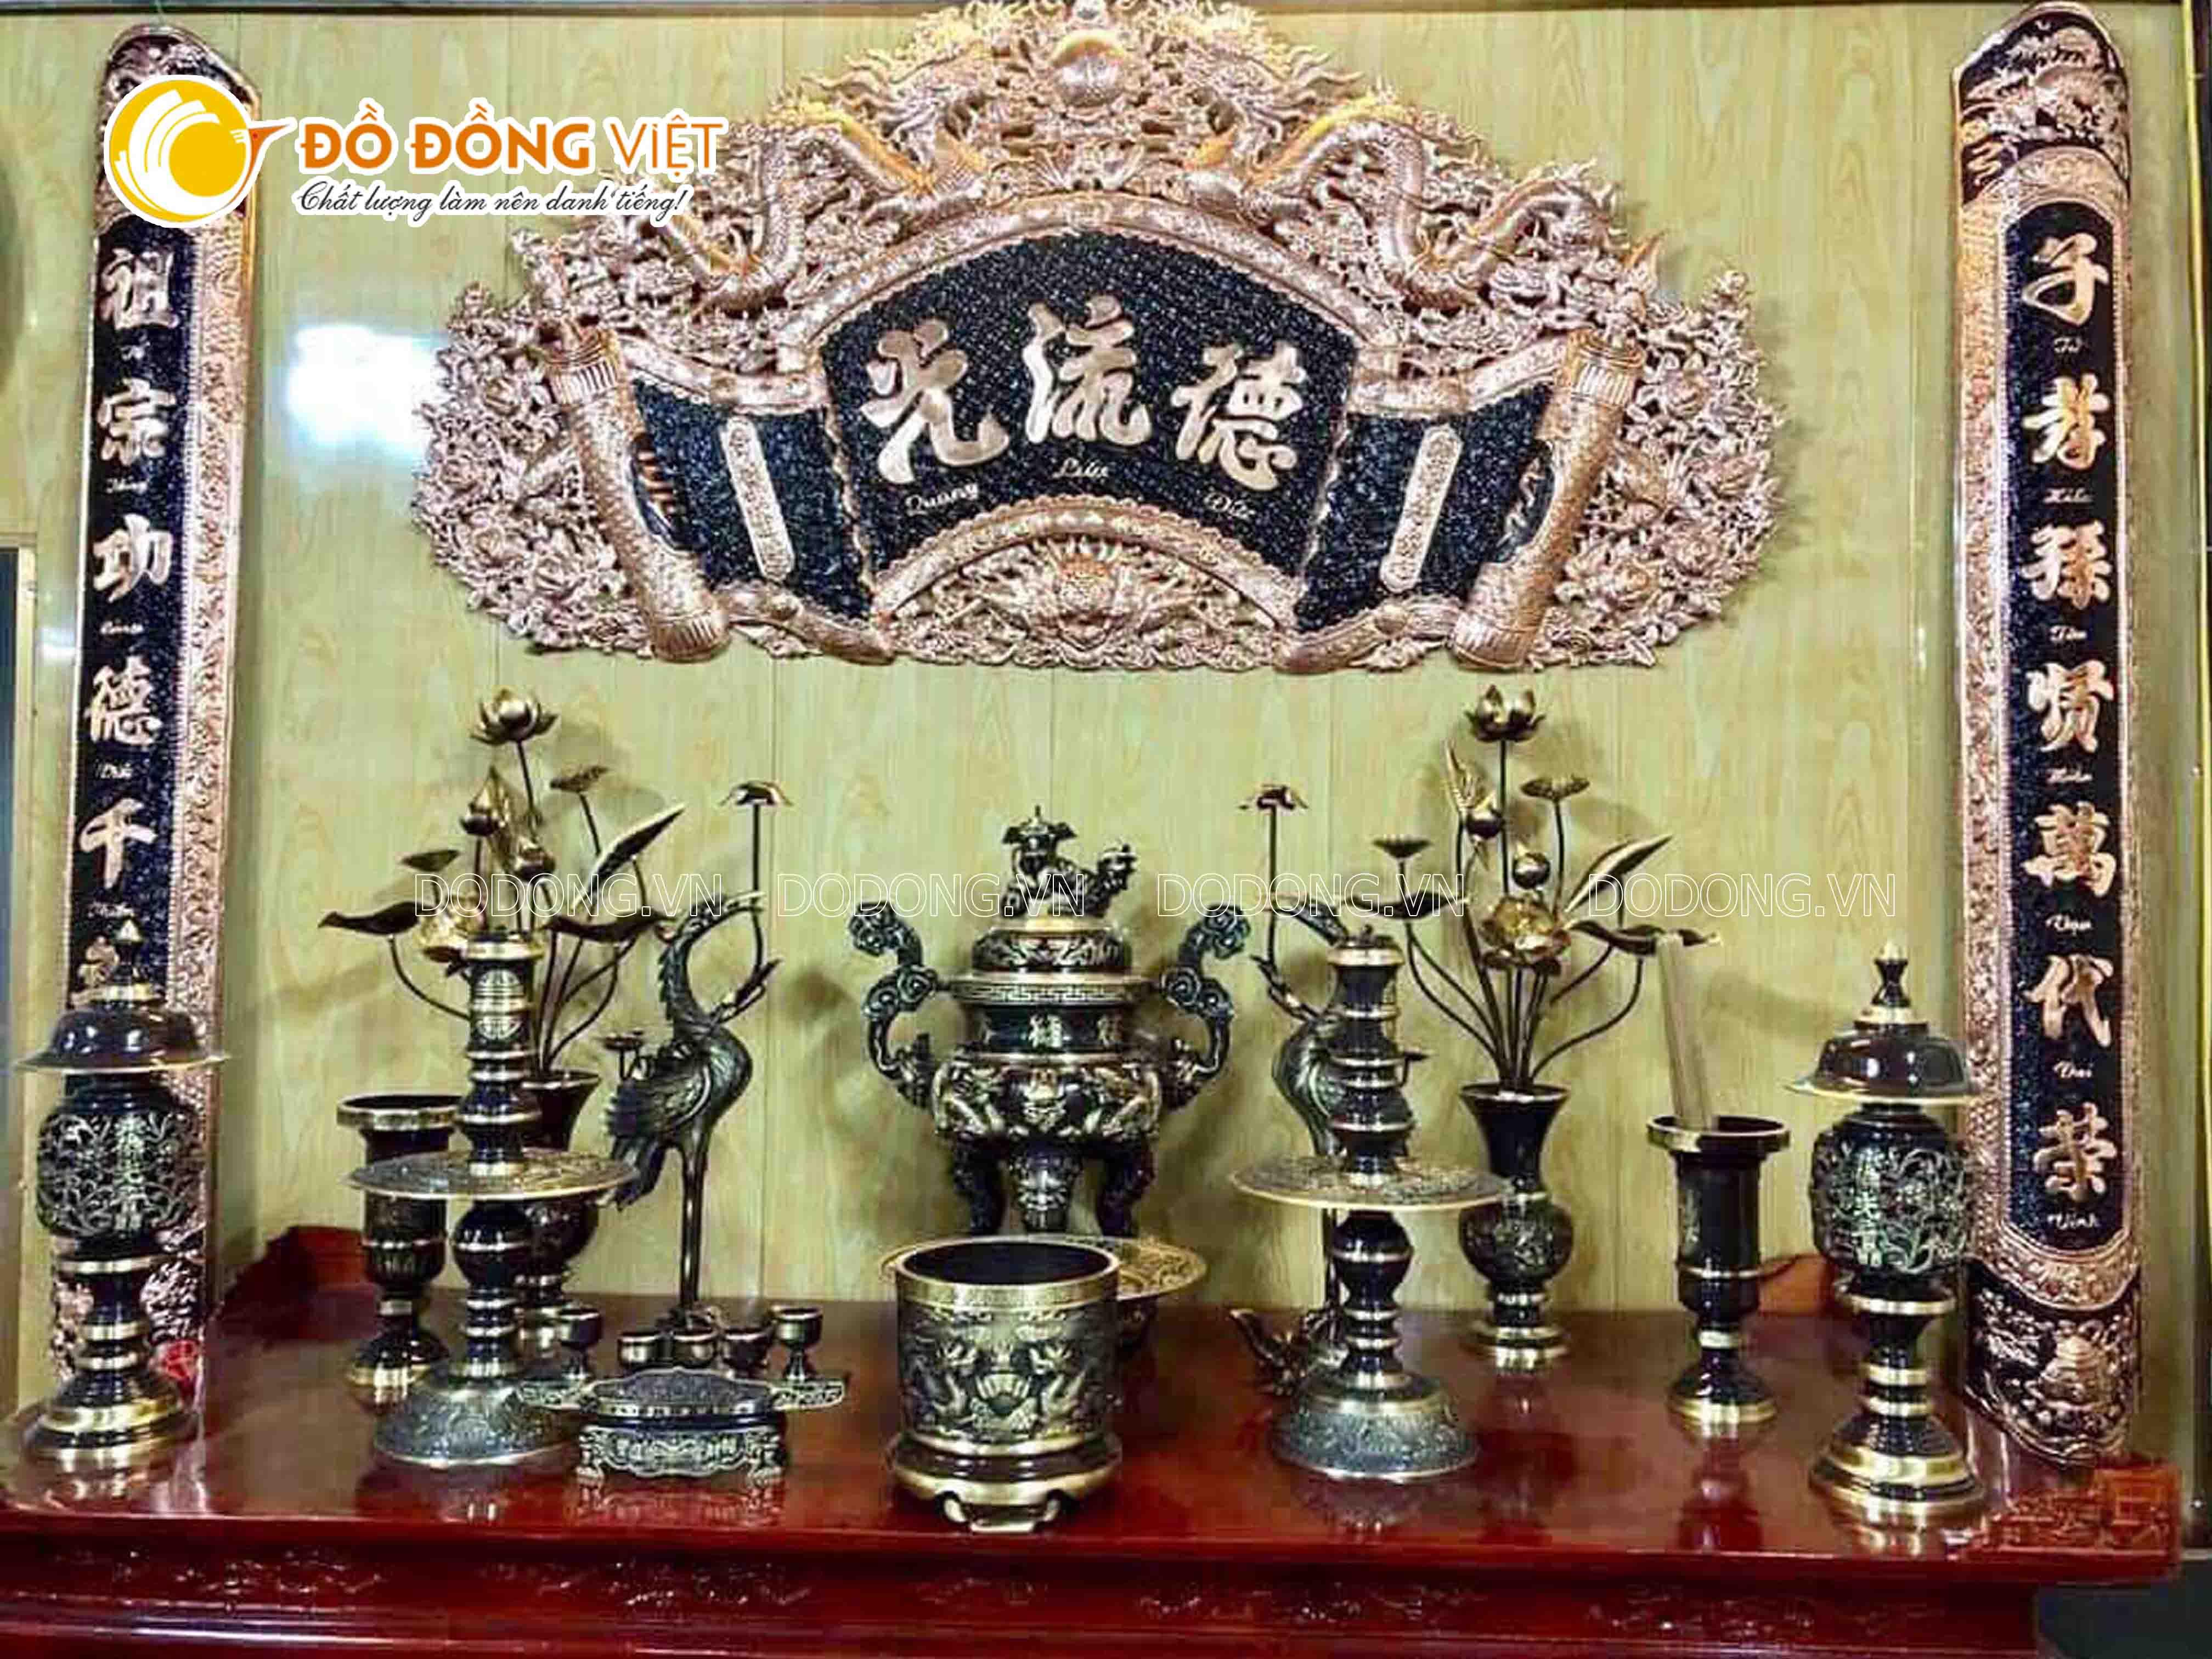 Đồ đồng Việt bật mí cách bài trí bộ ngũ sự trên bàn thờ